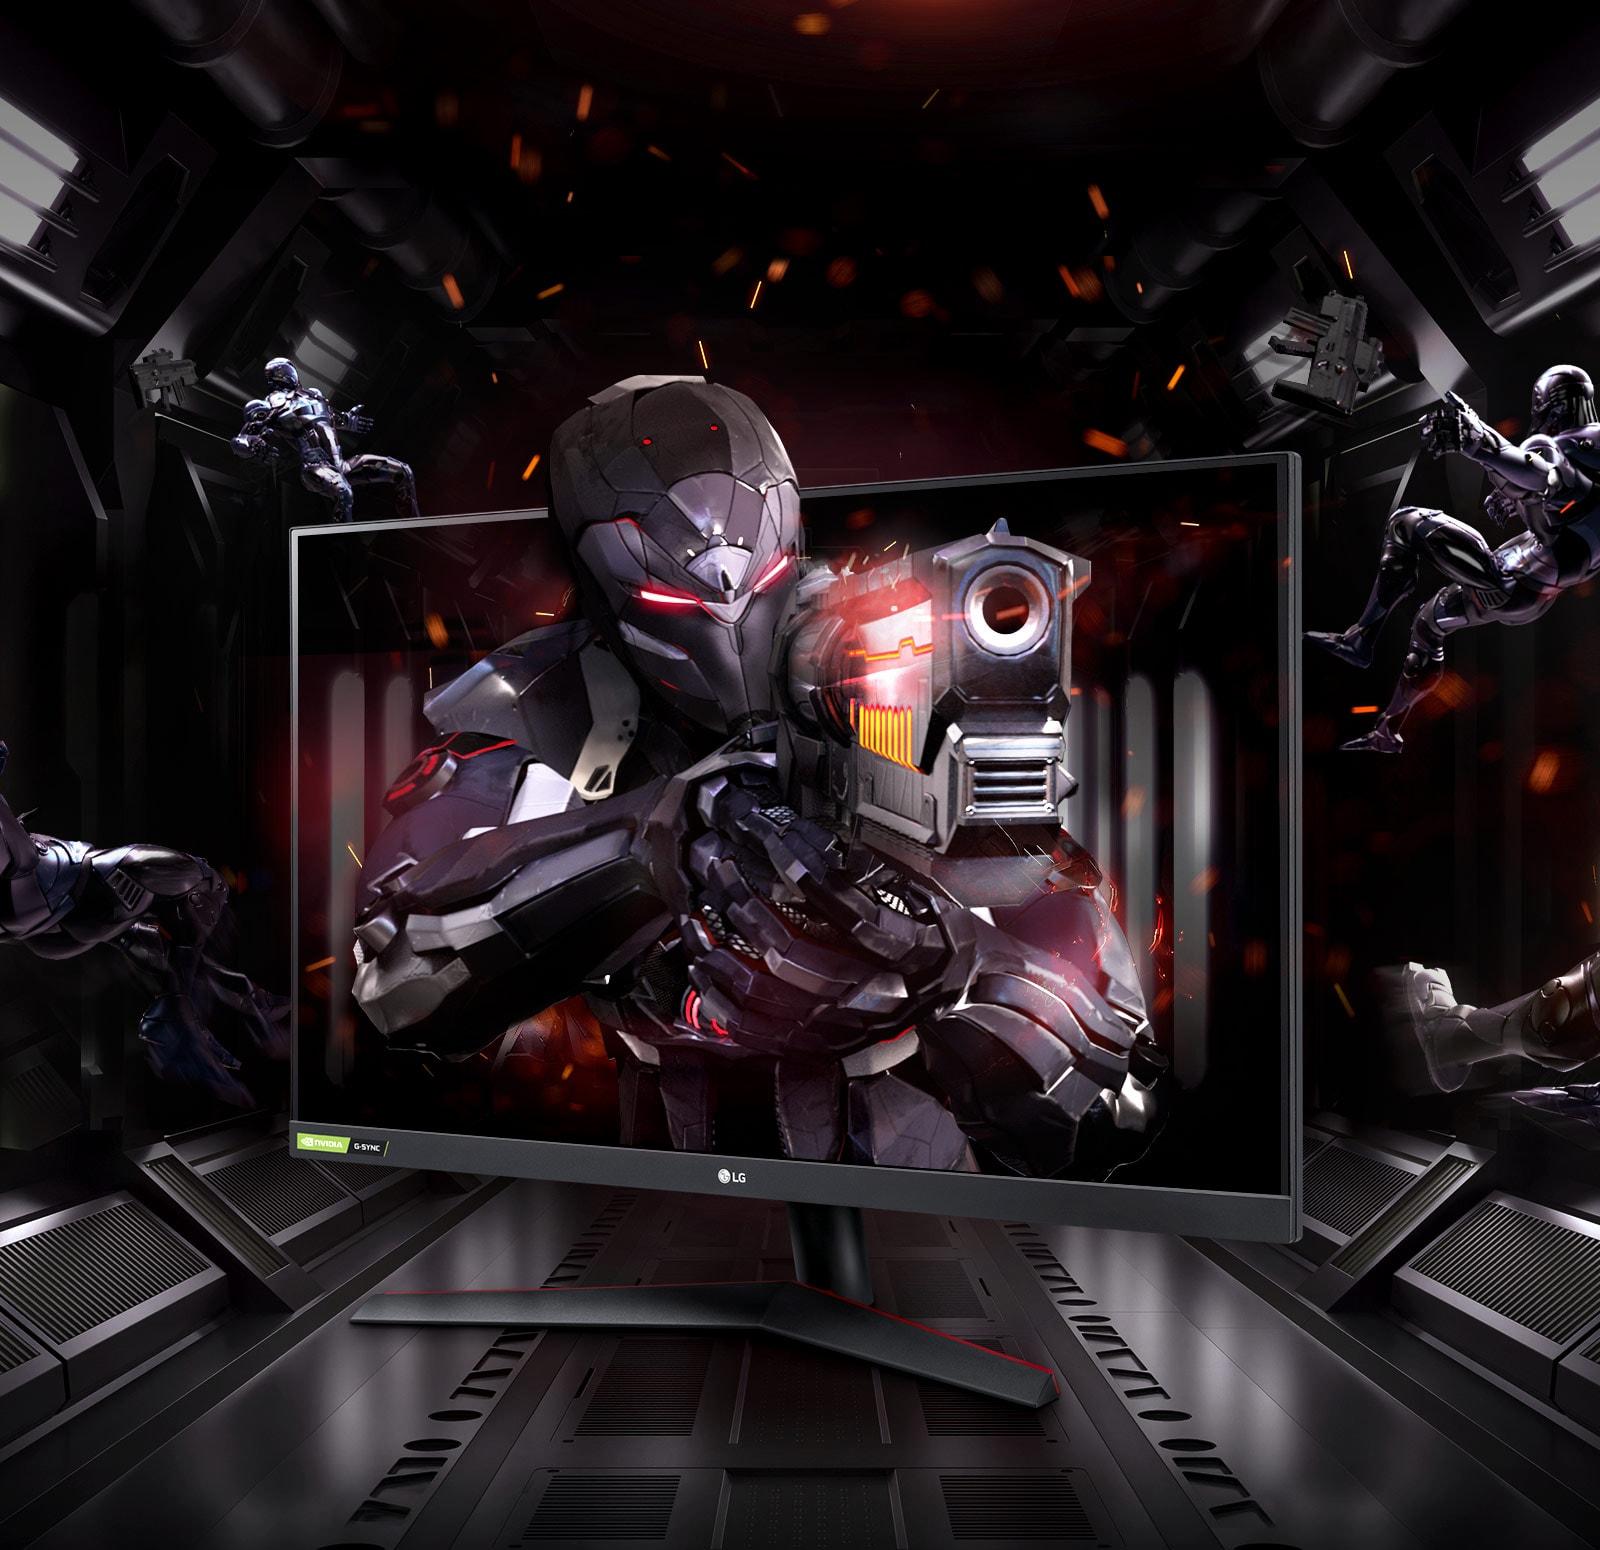 Màn hình LG Ultragear, thiết bị mạnh mẽ để bạn chơi game